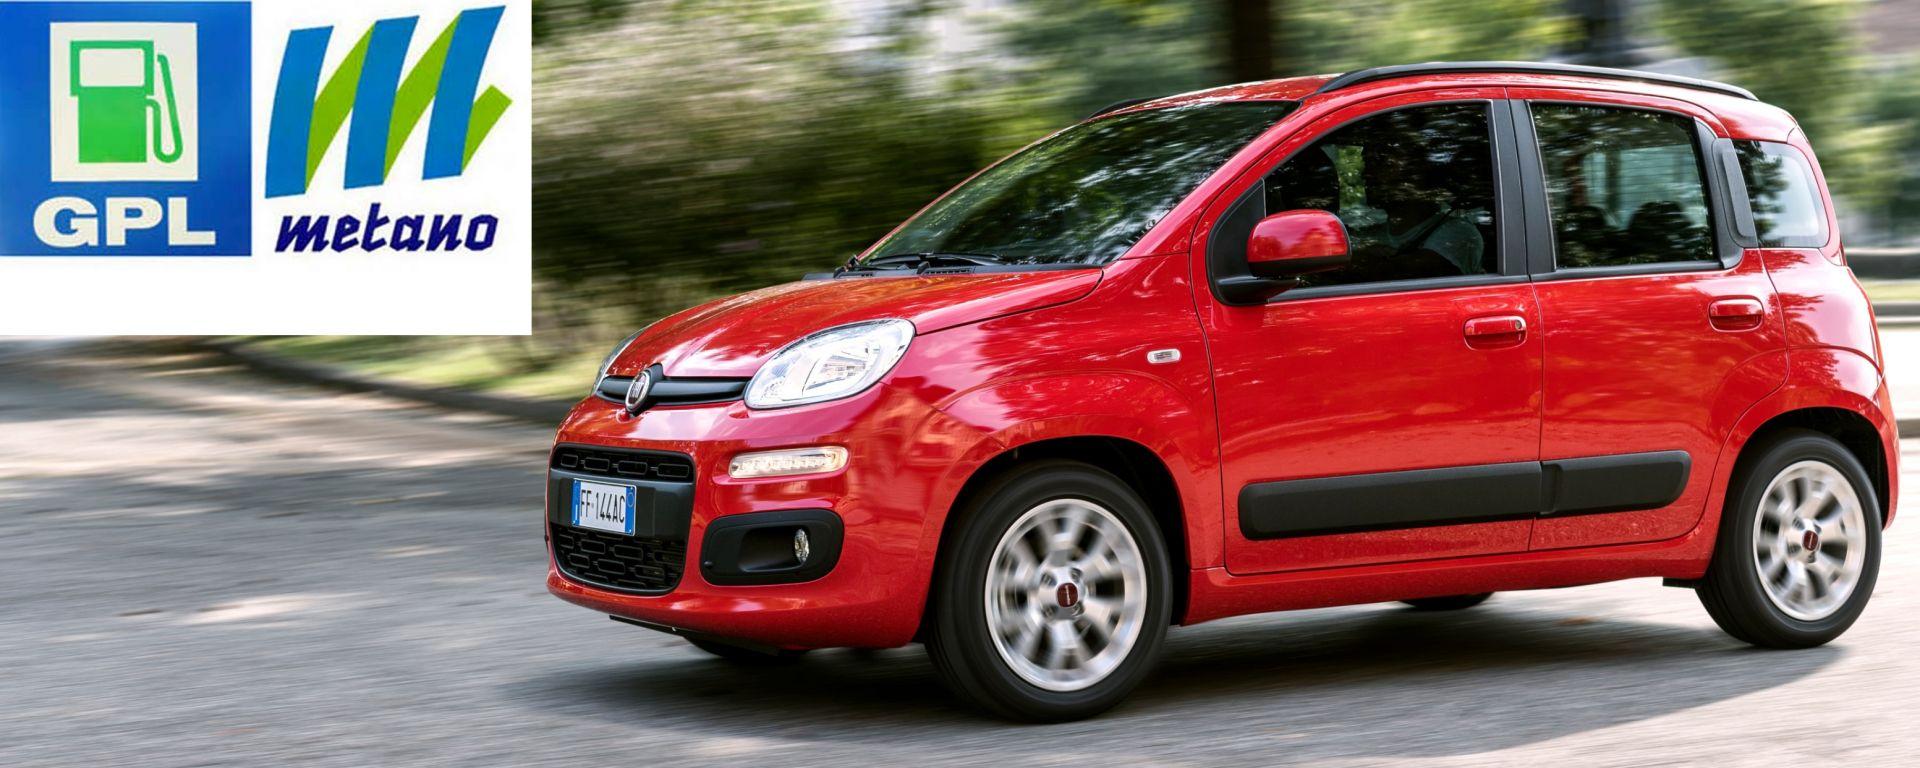 Fiat Panda 2019 Meglio Metano O Gpl Prezzi E Consumi A